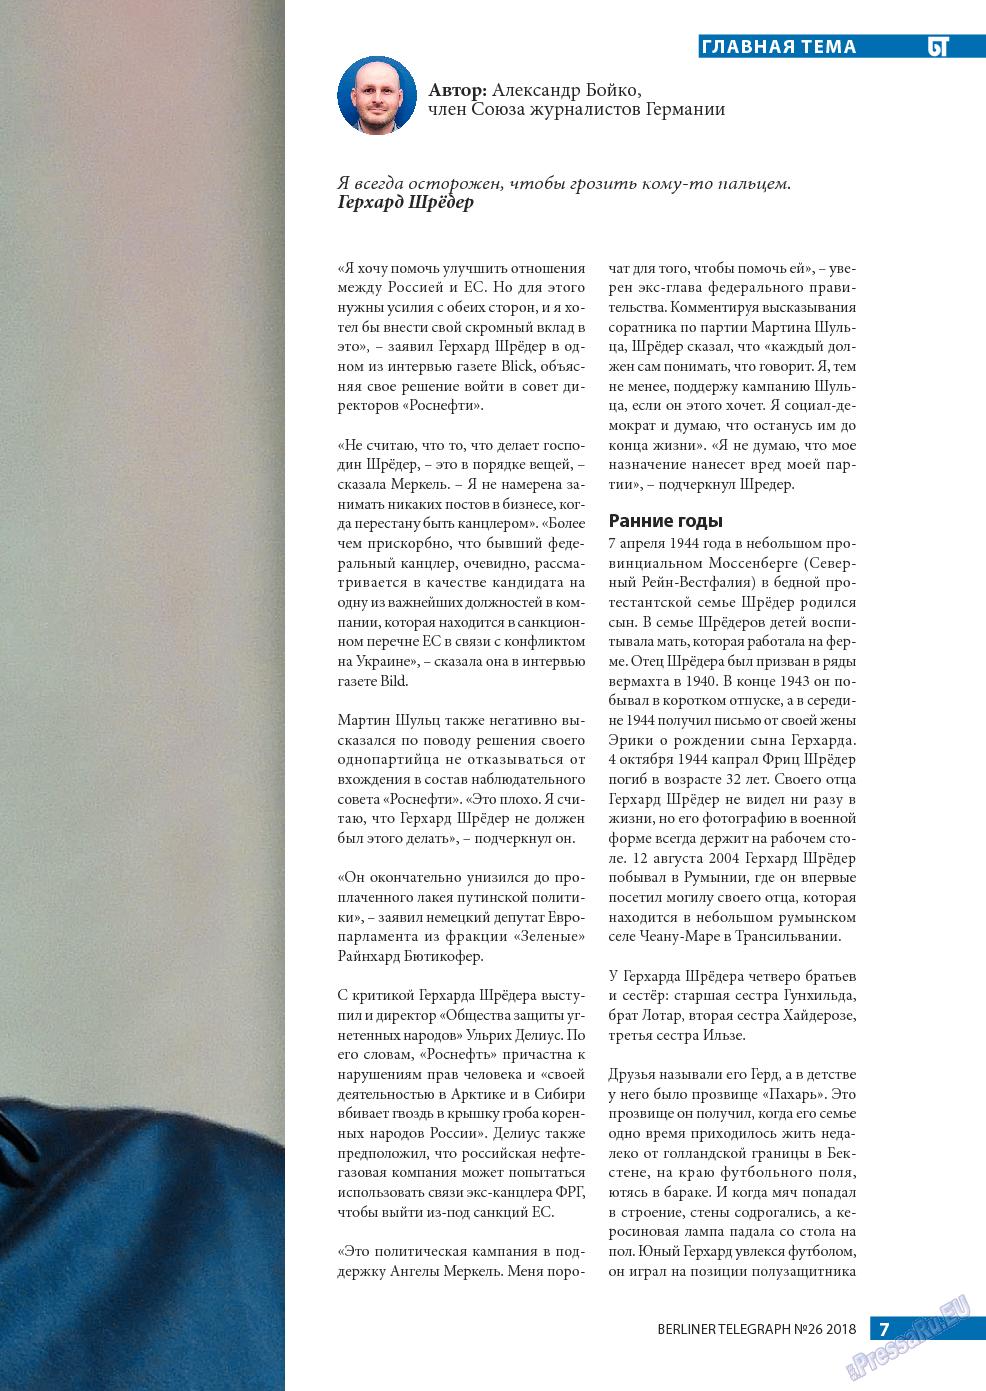 Берлинский телеграф (журнал). 2018 год, номер 26, стр. 7